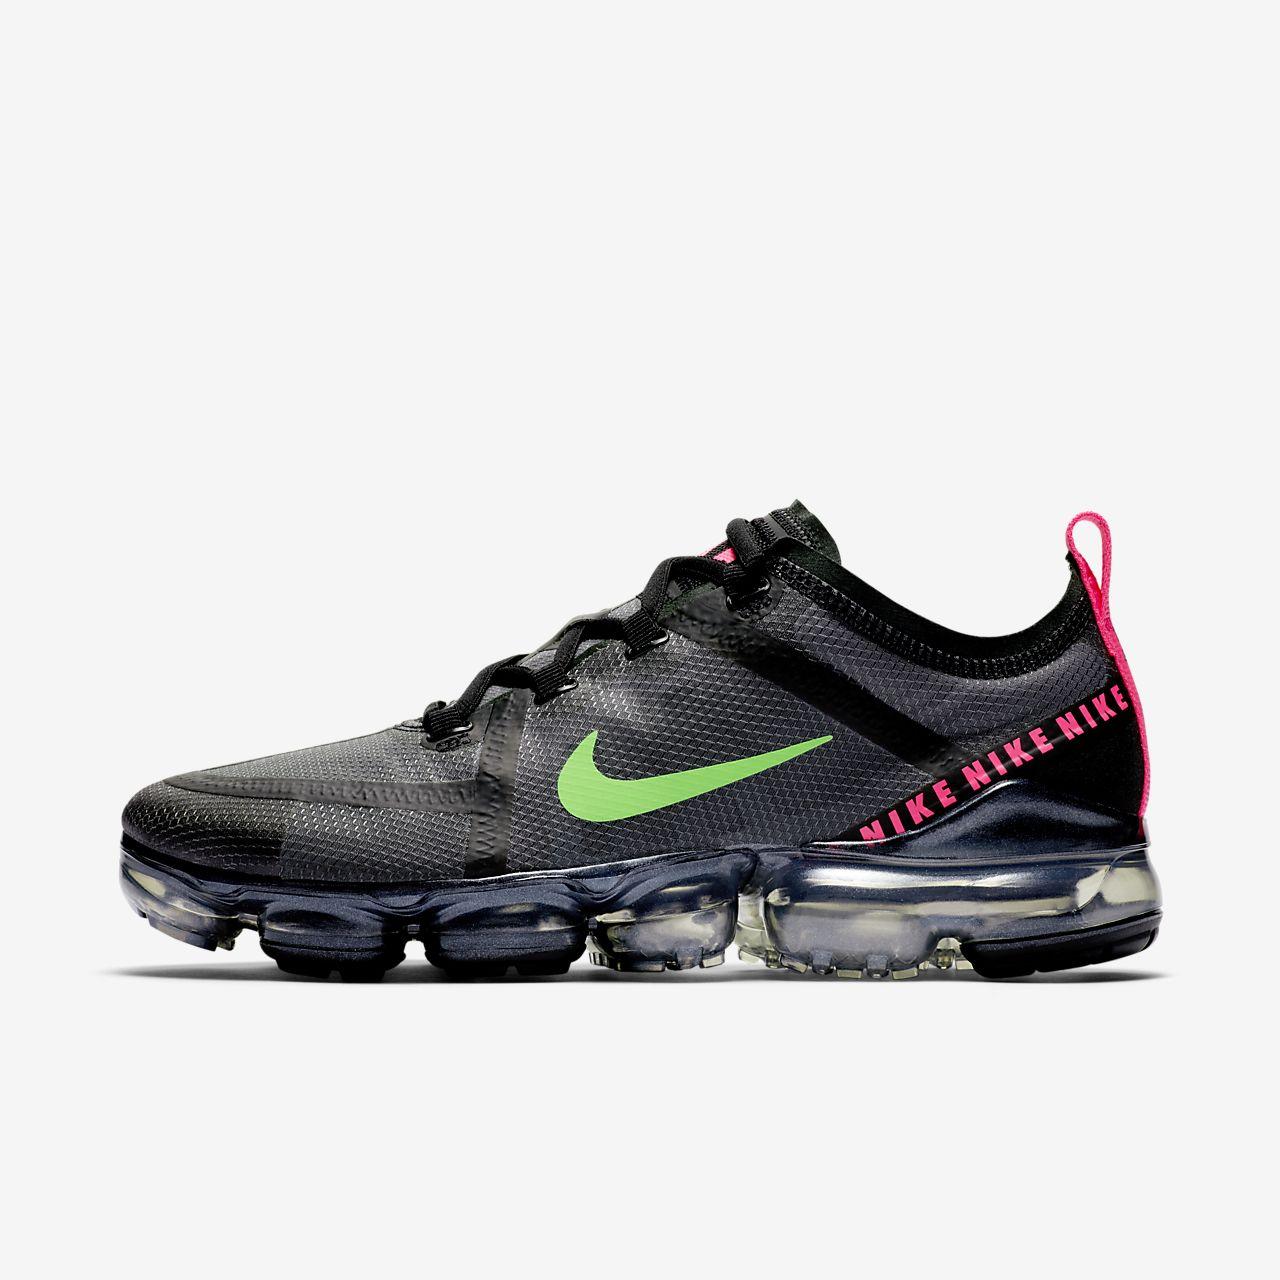 chaussures nike air vapor max homme